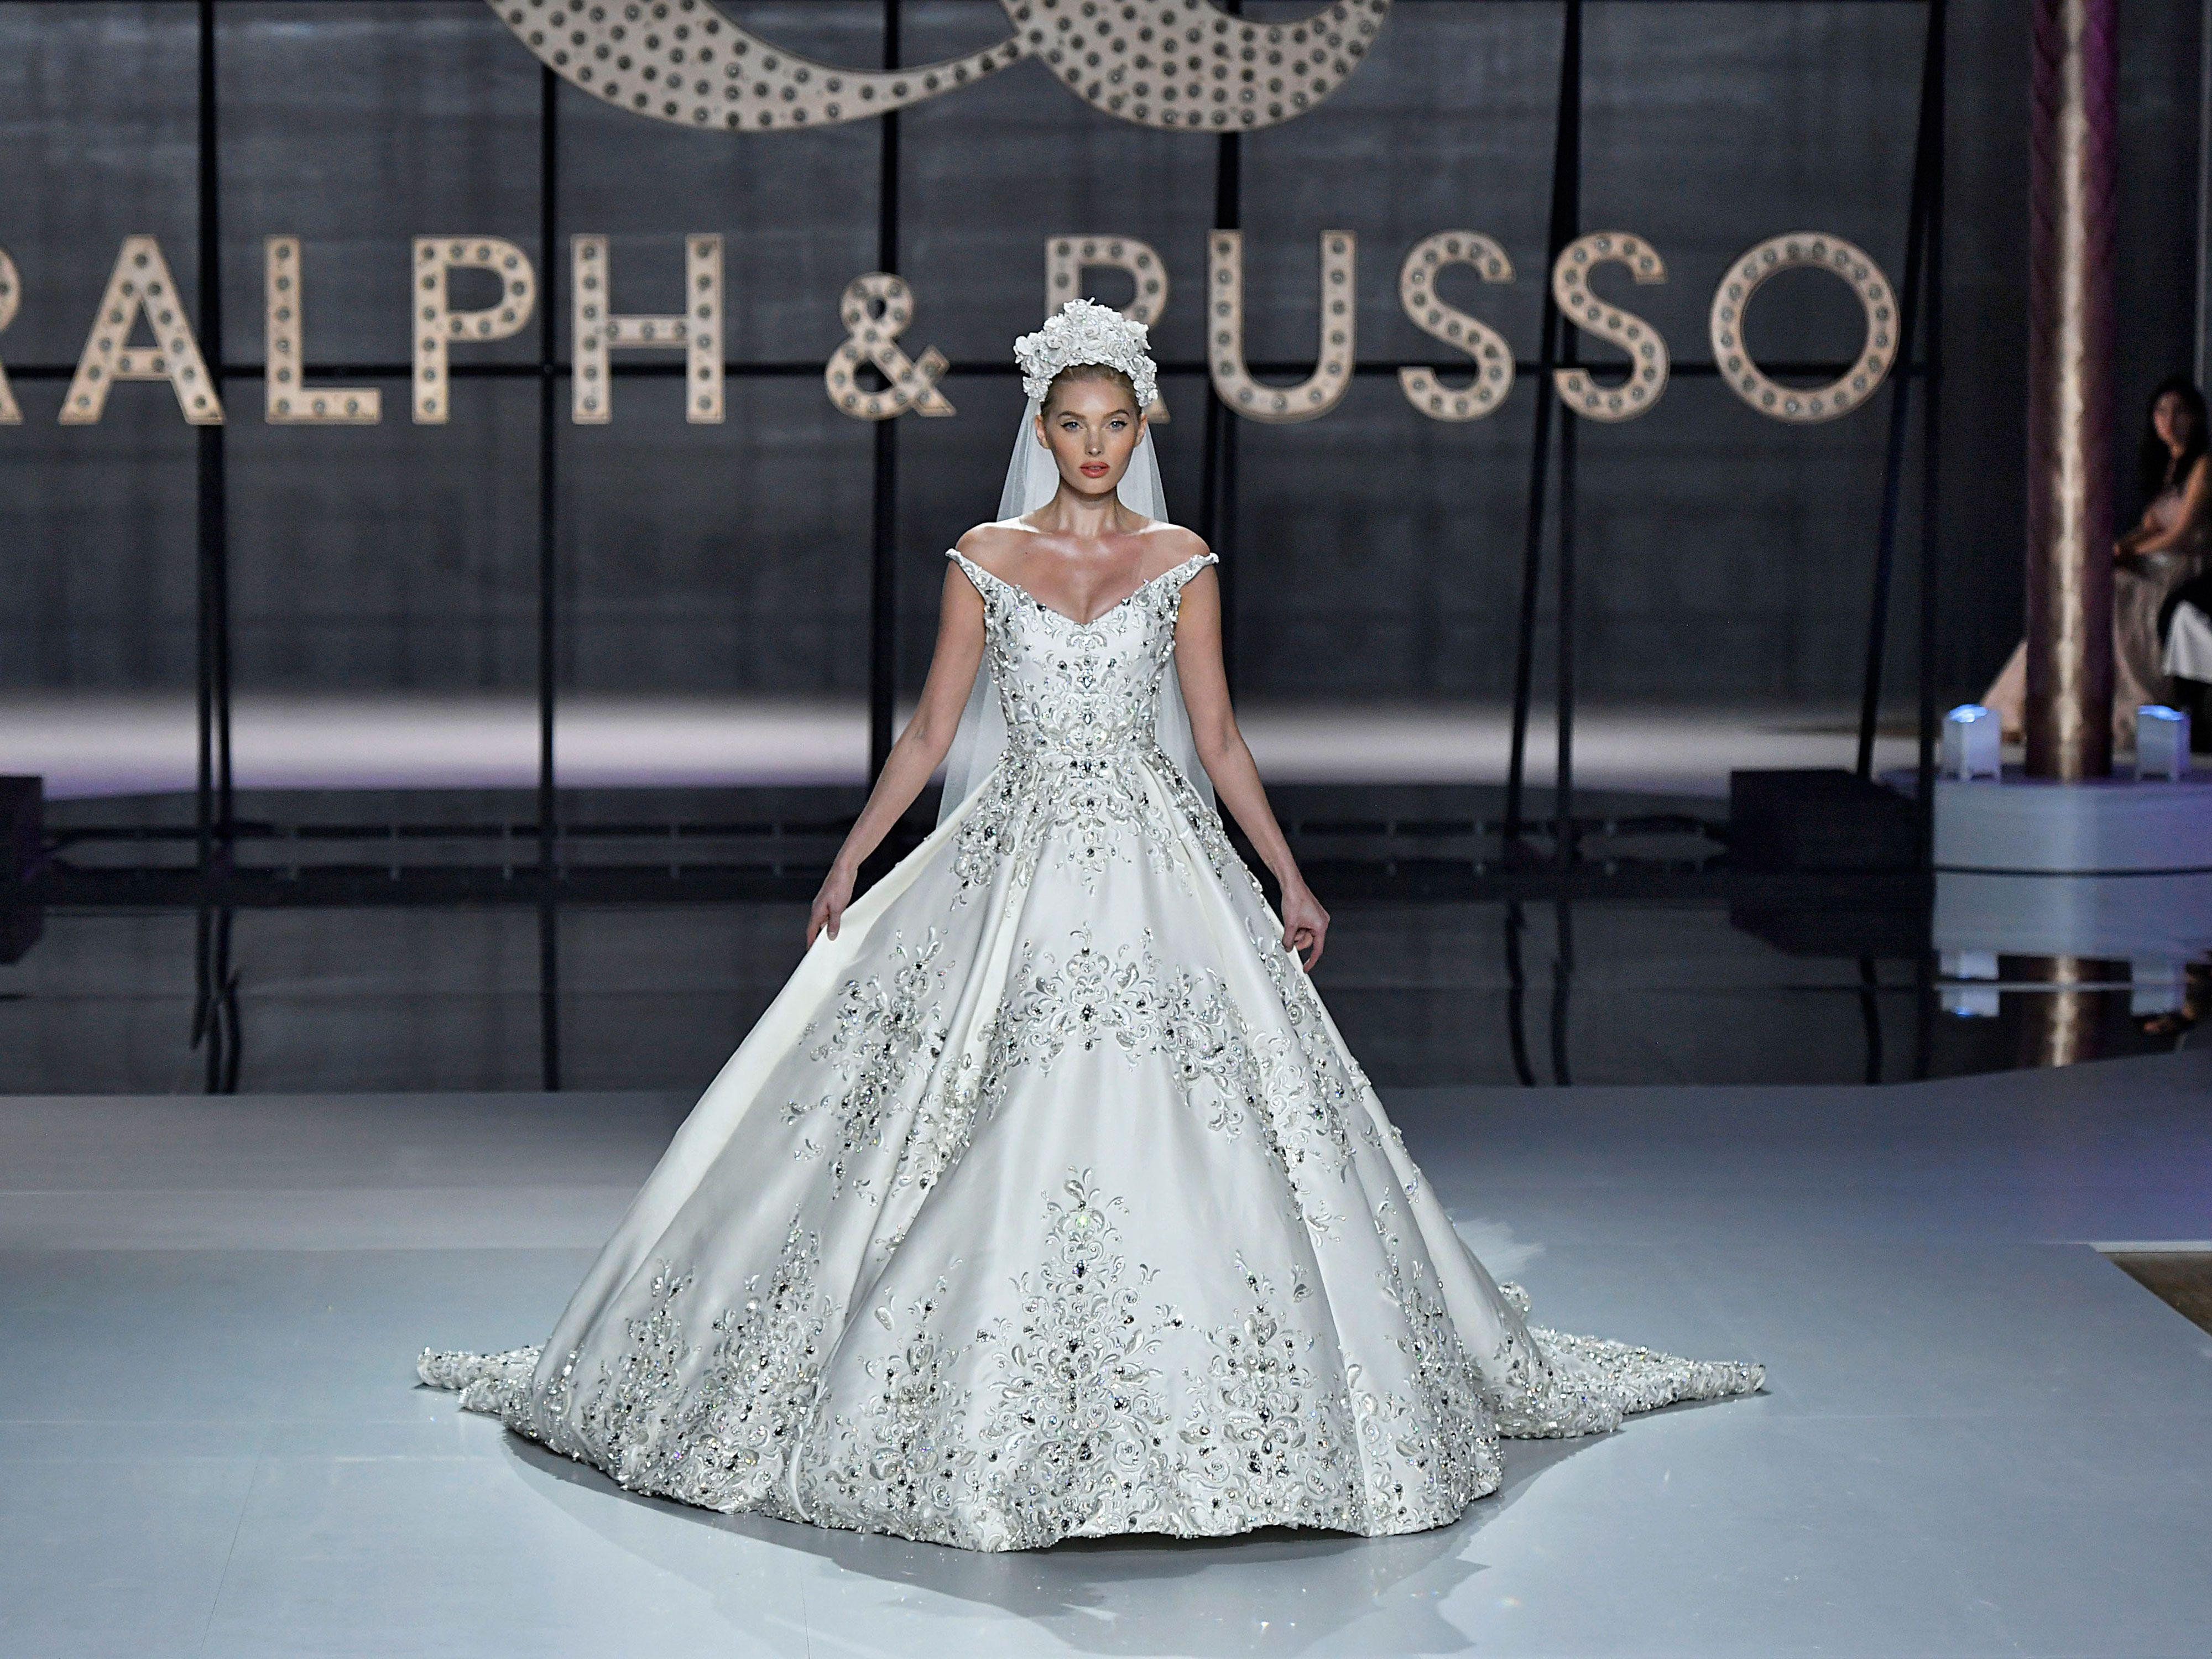 Ralph & Russo wedding dress